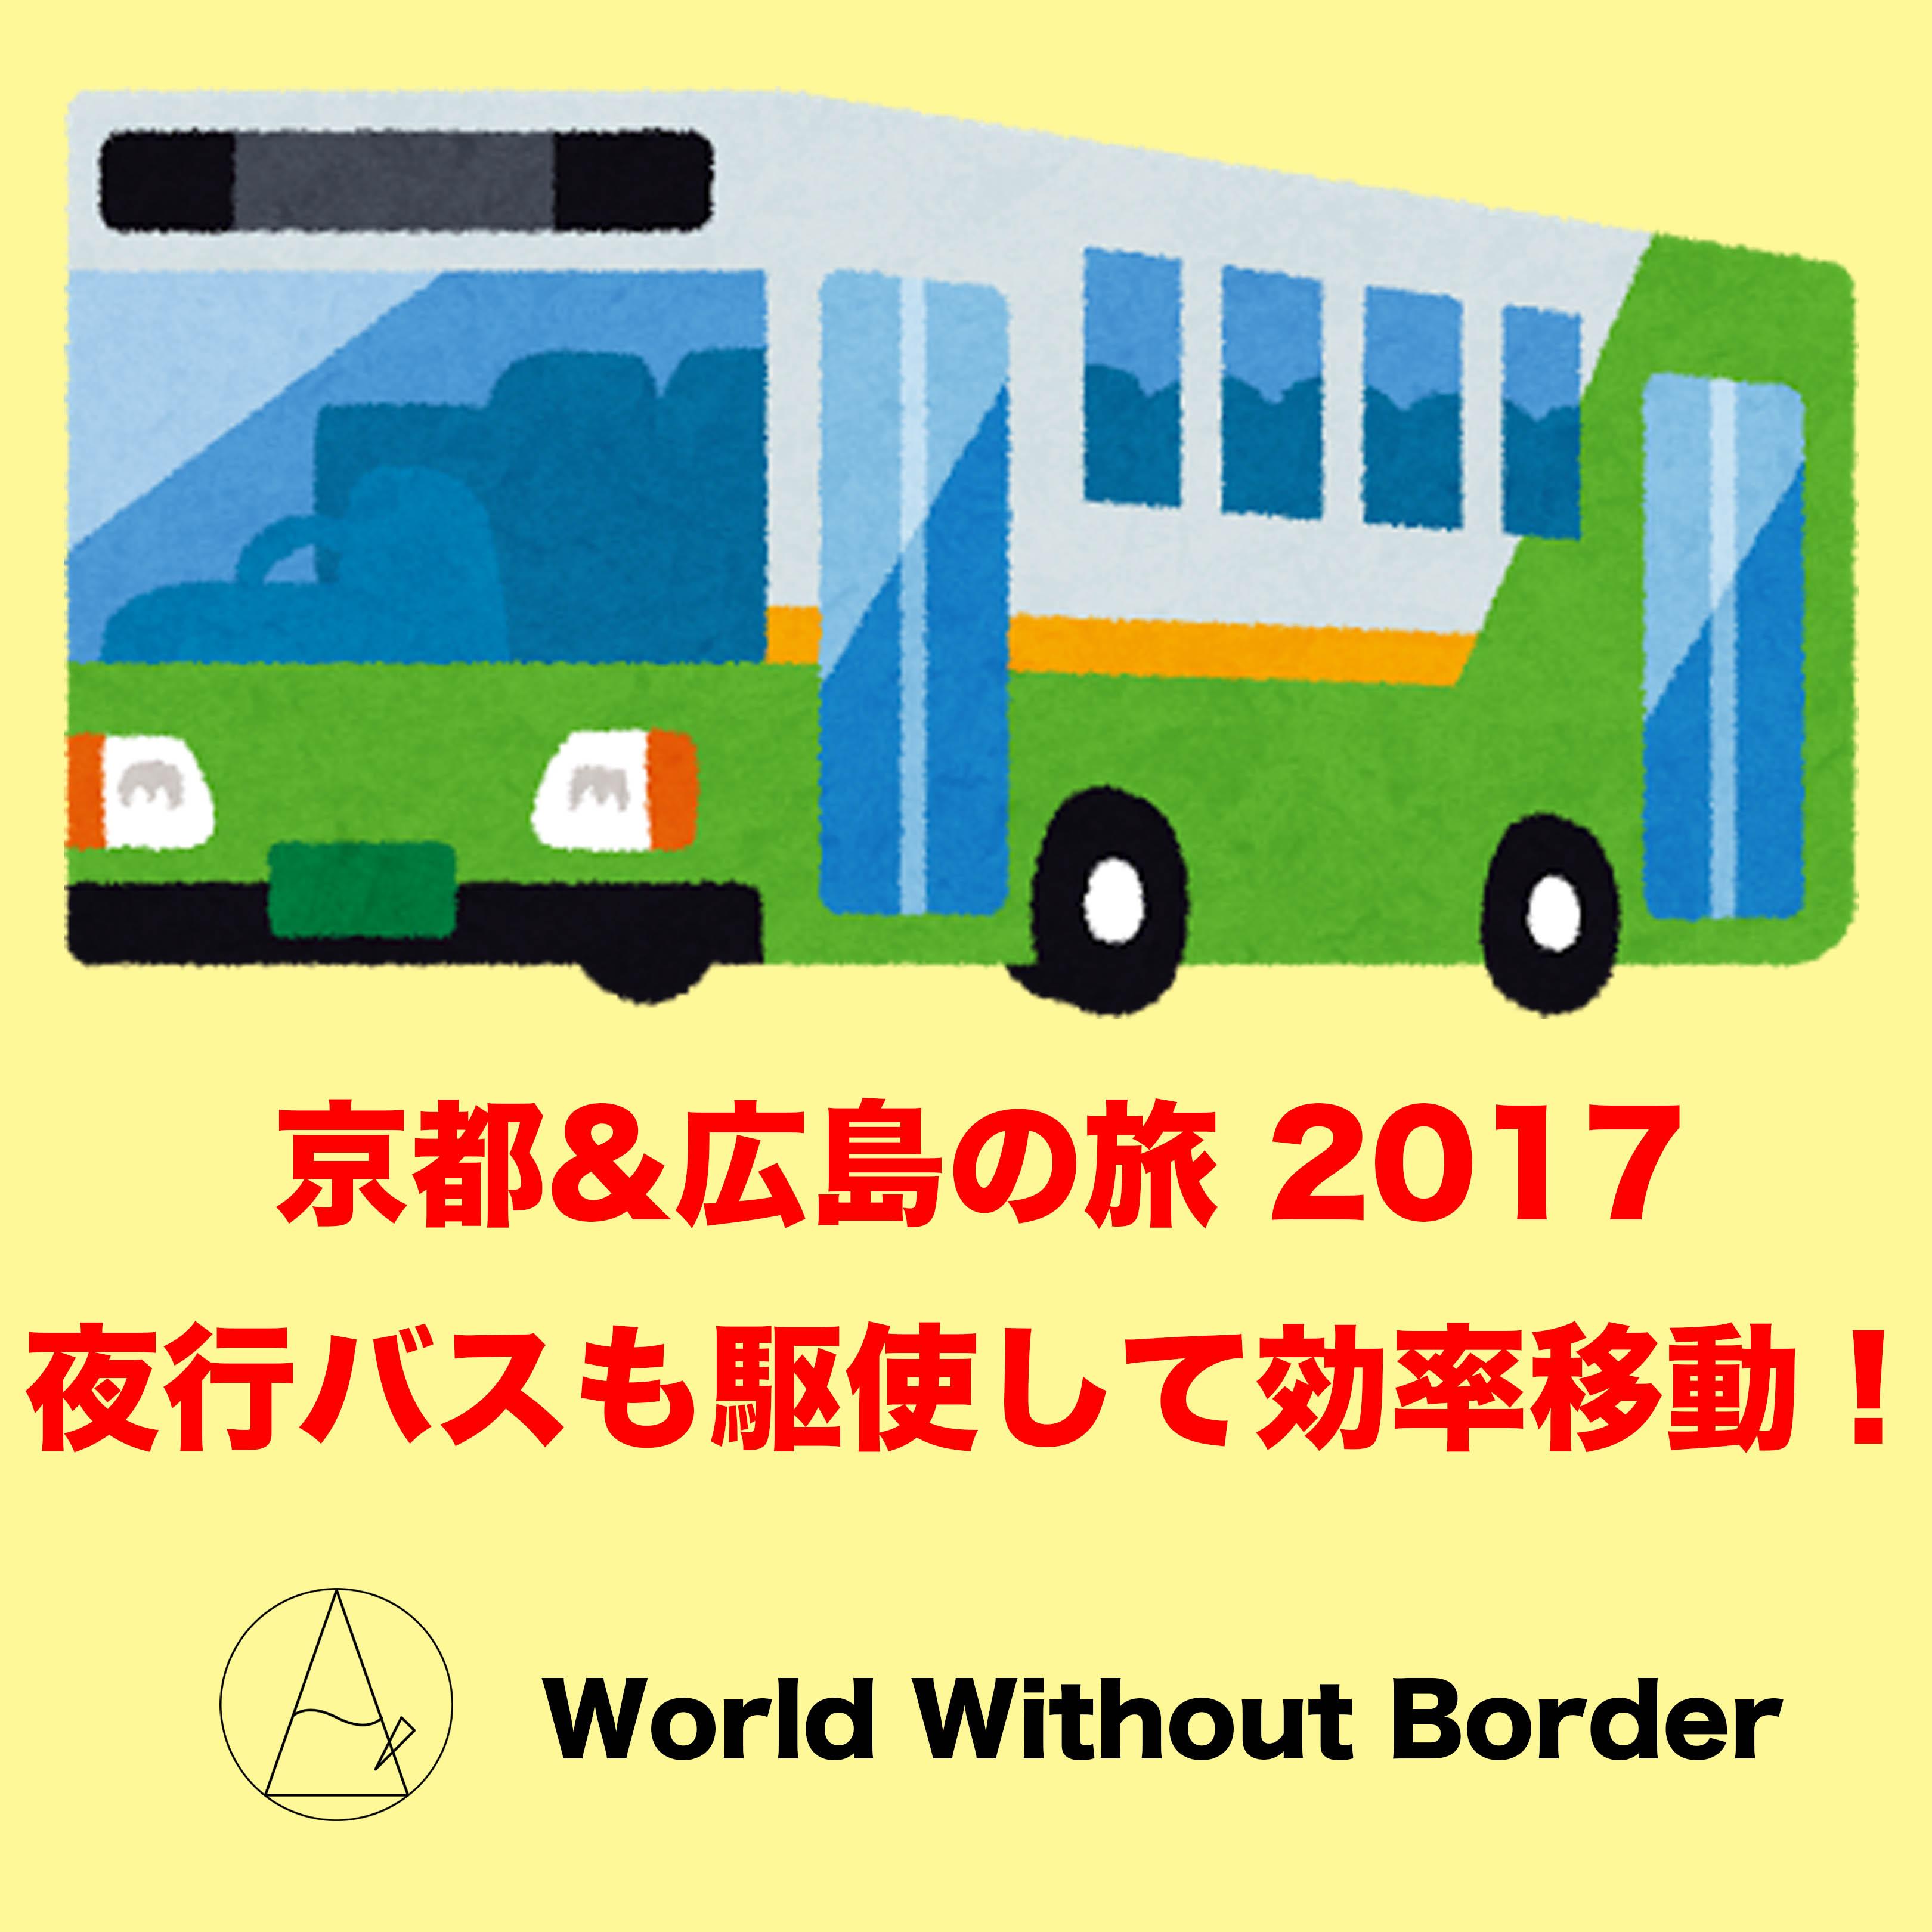 【京都&広島の旅 2017】限られた旅行日数を120%堪能するなら夜行バスも駆使しよう